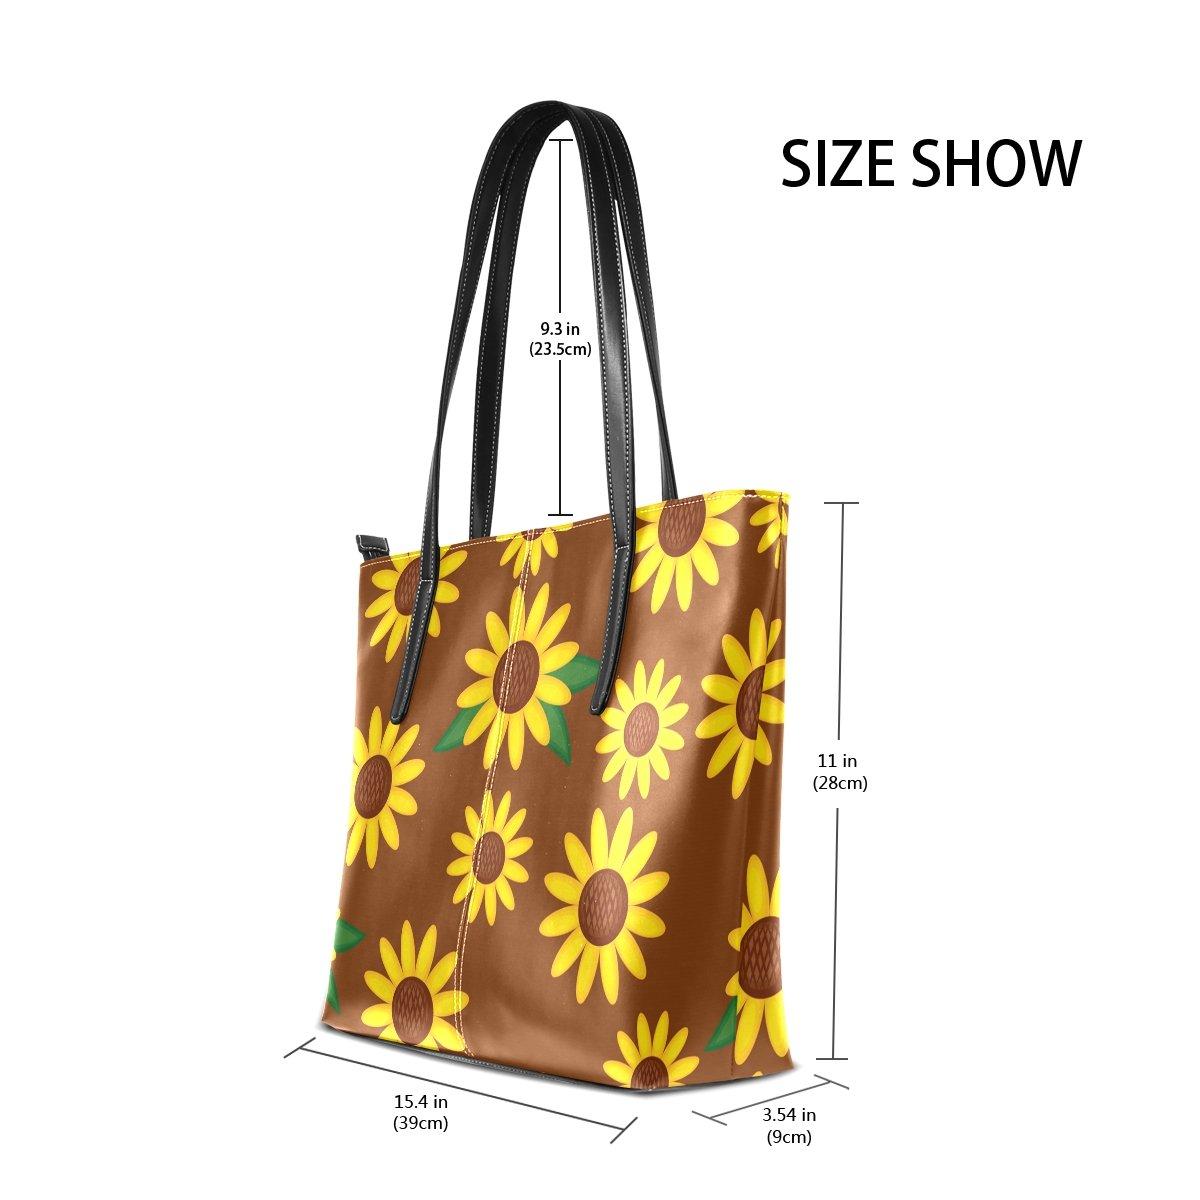 COOSUN , Damen Tote-Tasche Multicoloured#001 M: Amazon.de: Koffer,  Rucksäcke & Taschen